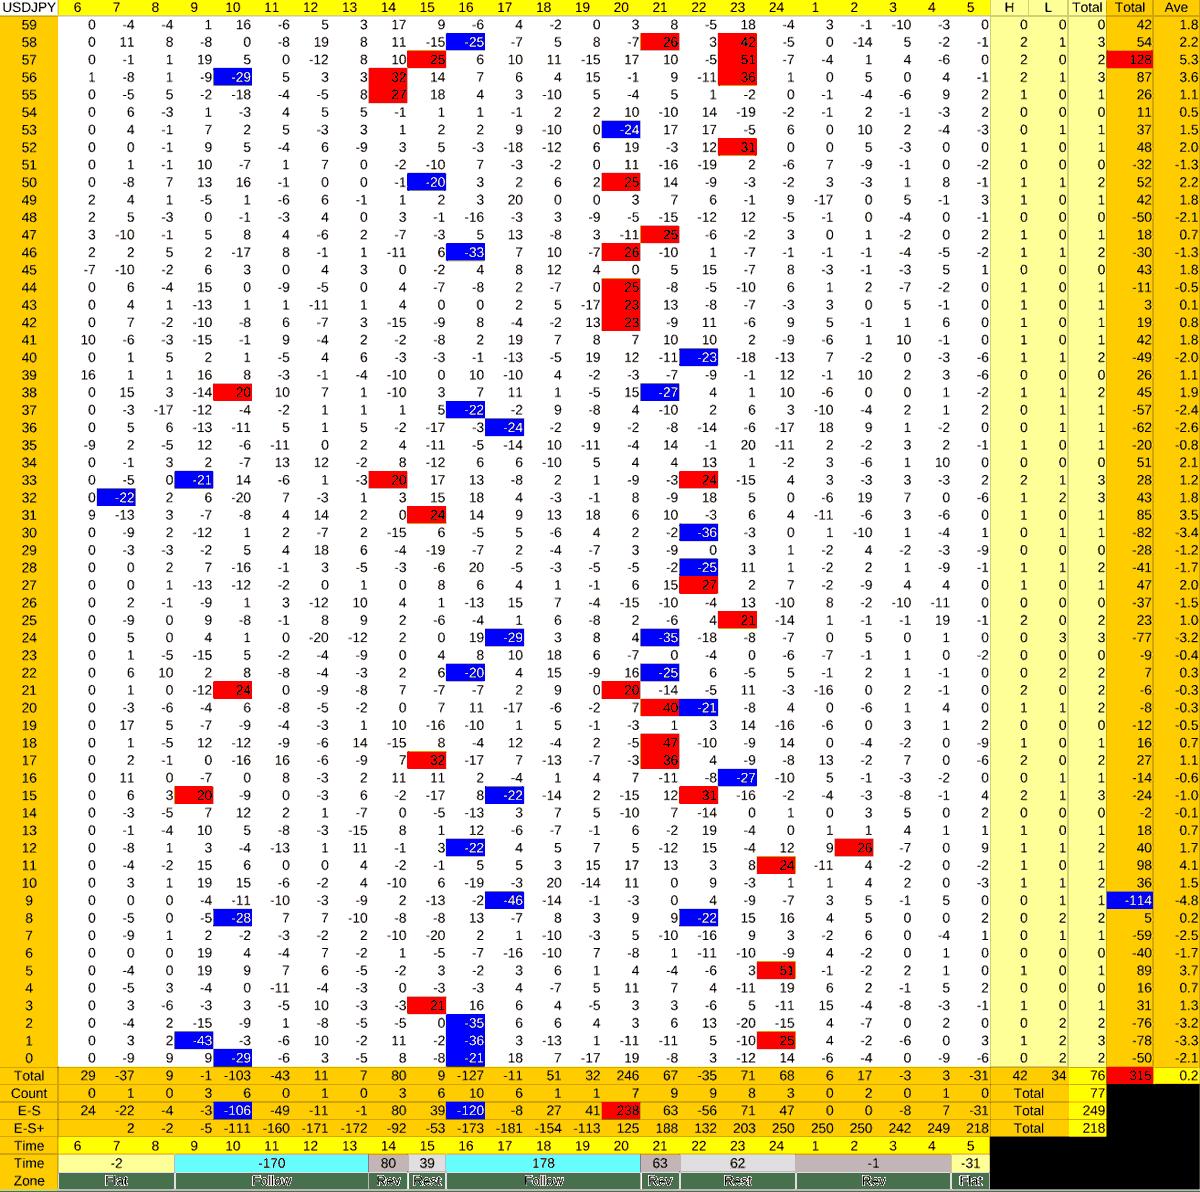 20210426_HS(1)USDJPY